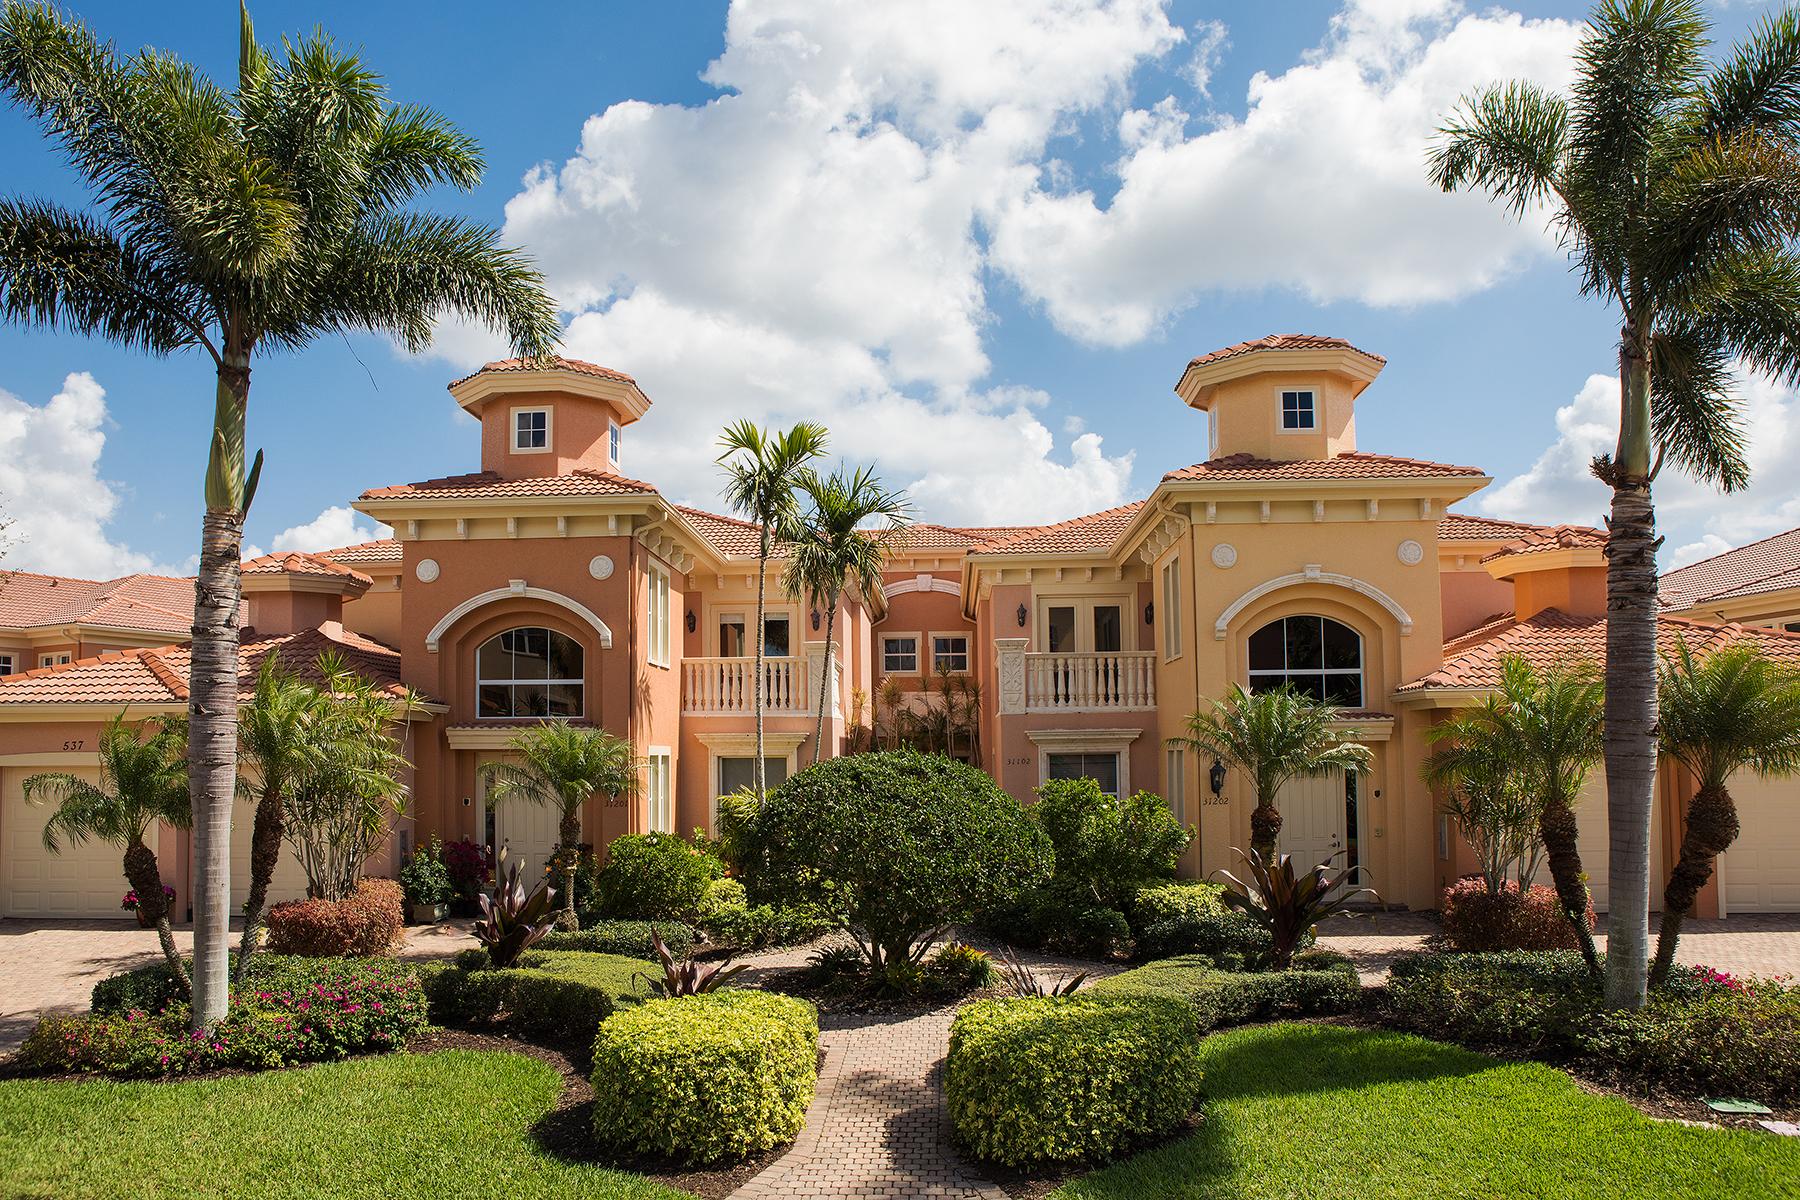 Condominium for Sale at VINEYARDS - AVELLINO ISLES 537 Avellino Isles Cir 31201, Vineyards, Naples, Florida, 34119 United States